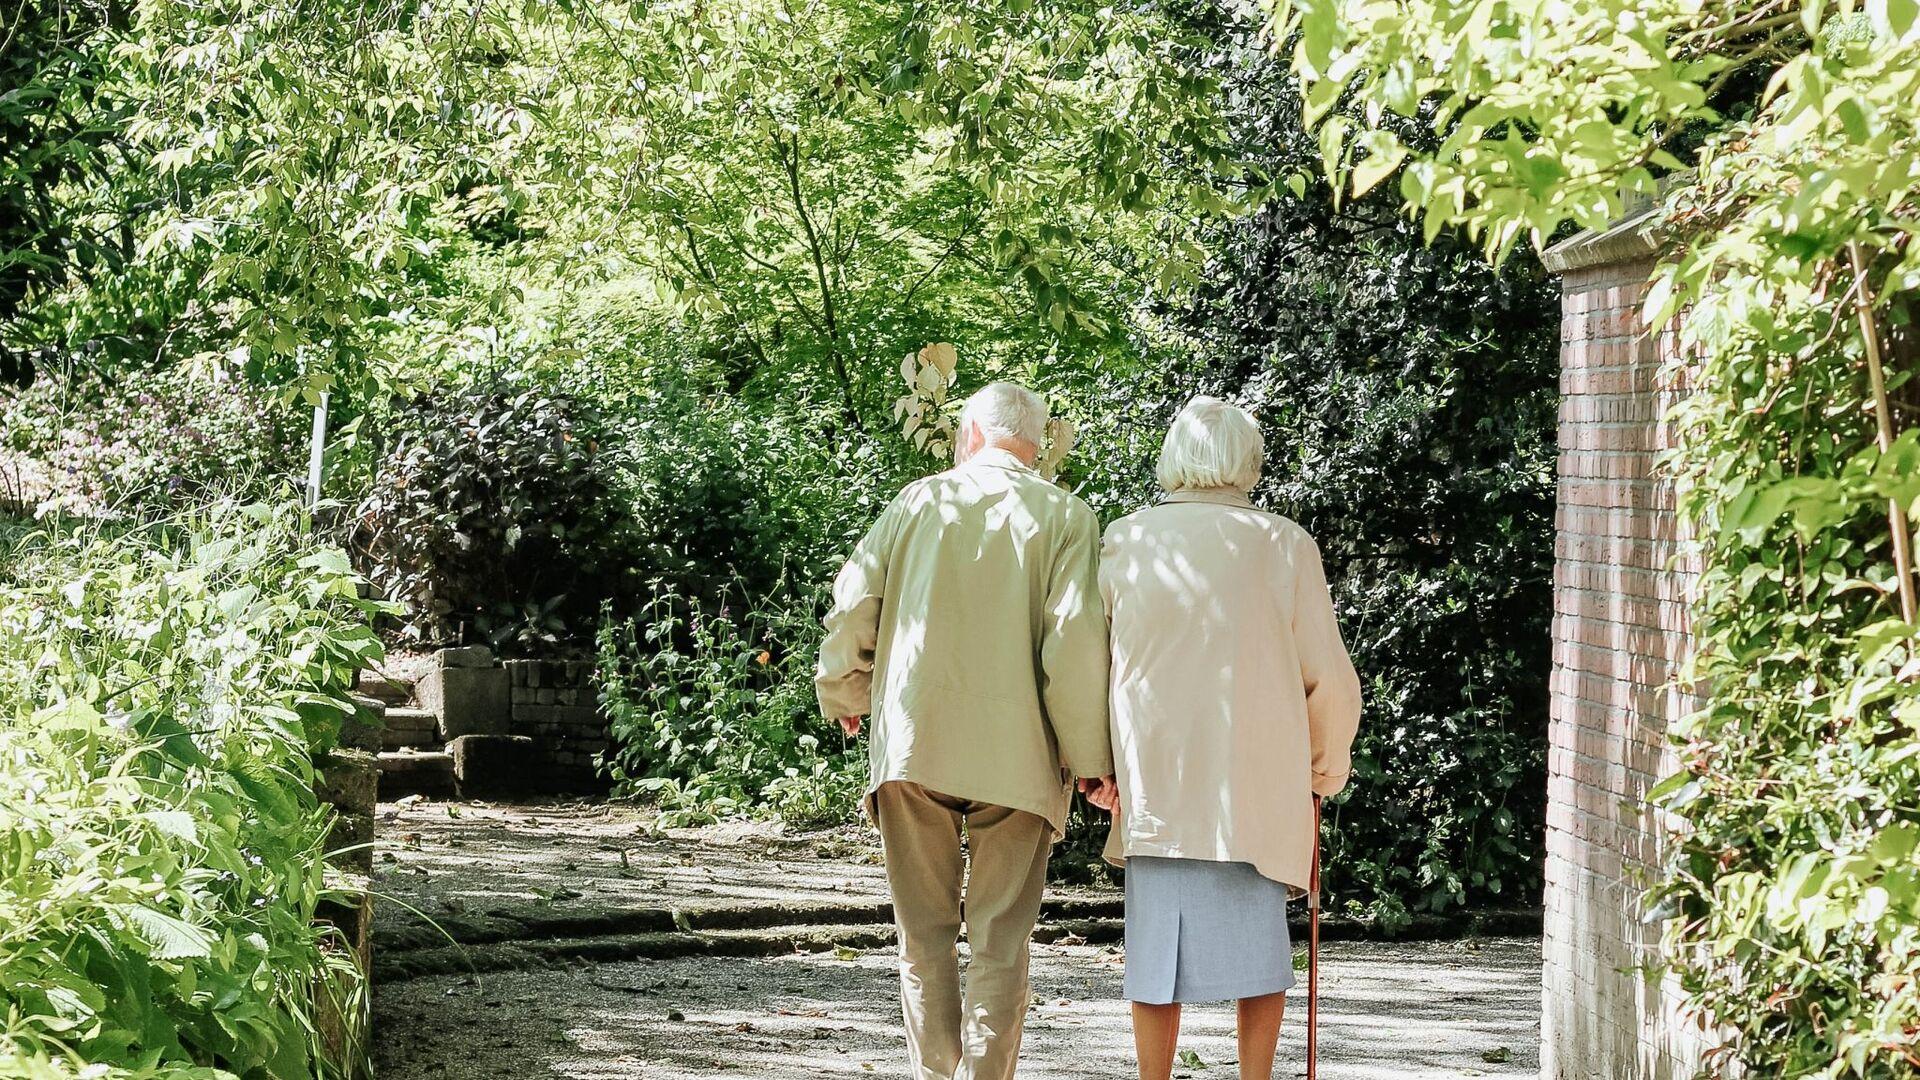 Una pareja de personas mayores - Sputnik Mundo, 1920, 25.01.2021